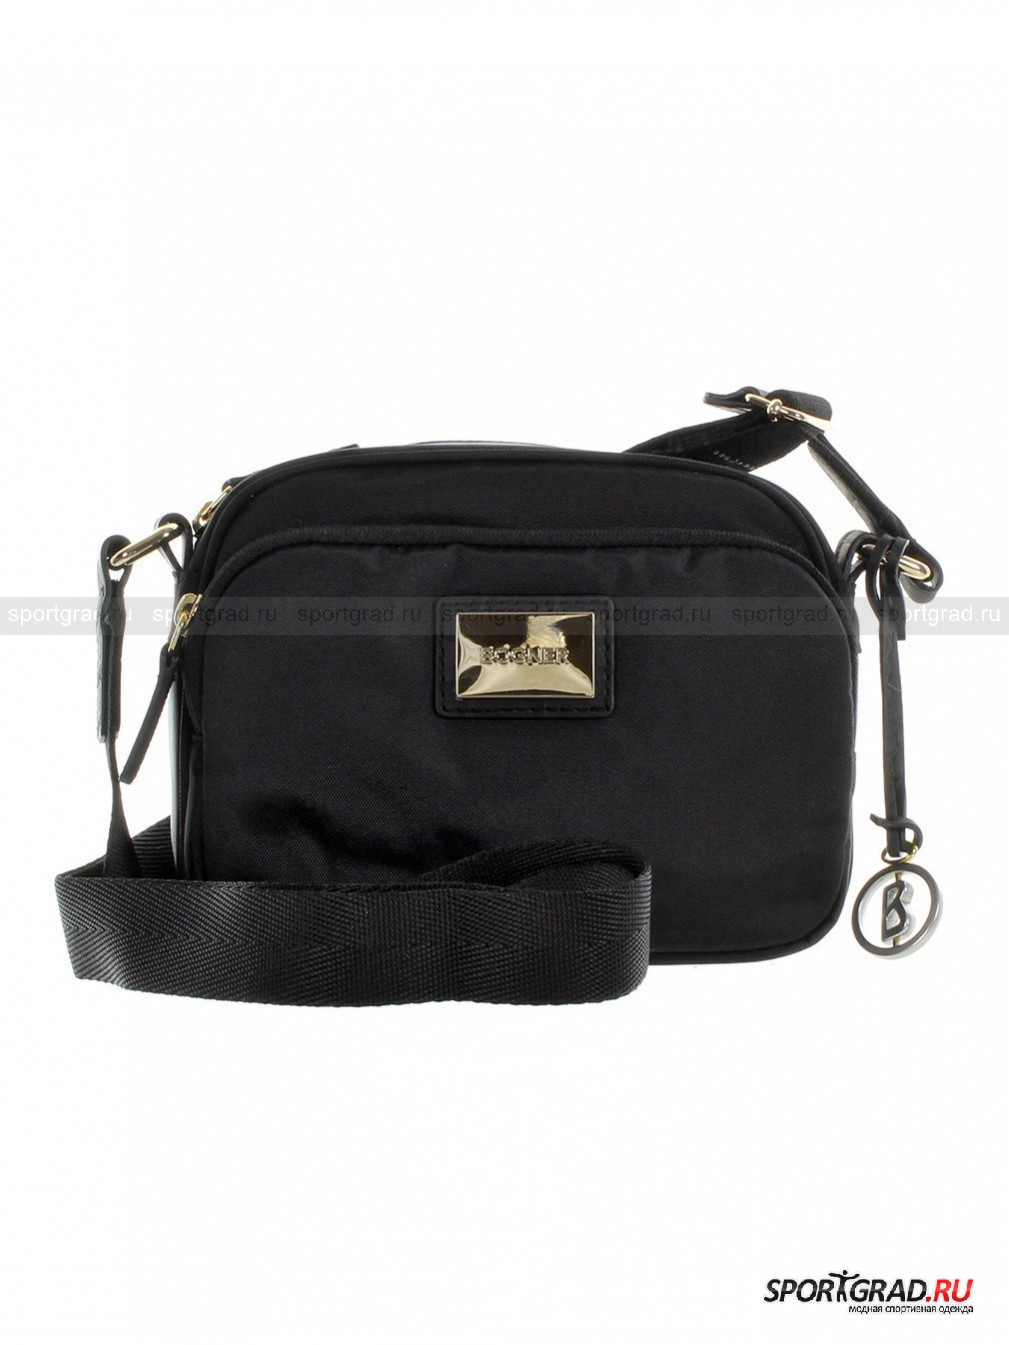 Сумка Aurum-Habana BOGNERСумки<br>Прелестная сумочка Aurum Habana Bogner имеет форму чемоданчика, что позволяет ей, несмотря на небольшие размеры, быть довольно вместительной. Туда легко можно сложить все необходимые вещи: кошелек, смартфон, ключи, влажные салфетки, пудру, помаду и прочие мелочи. Сумка изготовлена из прочного износостойкого нейлона, дополненного нубуковыми вставками. Золотистая фурнитура эффектно смотрится на контрасте с черной поверхностью.<br><br>Особенности модели:<br>- основное отделение на молнии;<br>- внутри карман на молнии и маленькие кармашки для телефона и пластиковых карт:<br>- снаружи еще один карман;<br>- ремень с регулирующейся длиной;<br>- в комплекте брелок: фирменный логотип Bogner на кожаном ремешке.<br><br>Пол: Женский<br>Возраст: Взрослый<br>Тип: Сумки<br>Рекомендации по уходу: Протирать мягкой тканью.<br>Состав: Нейлон, натуральный нубук.